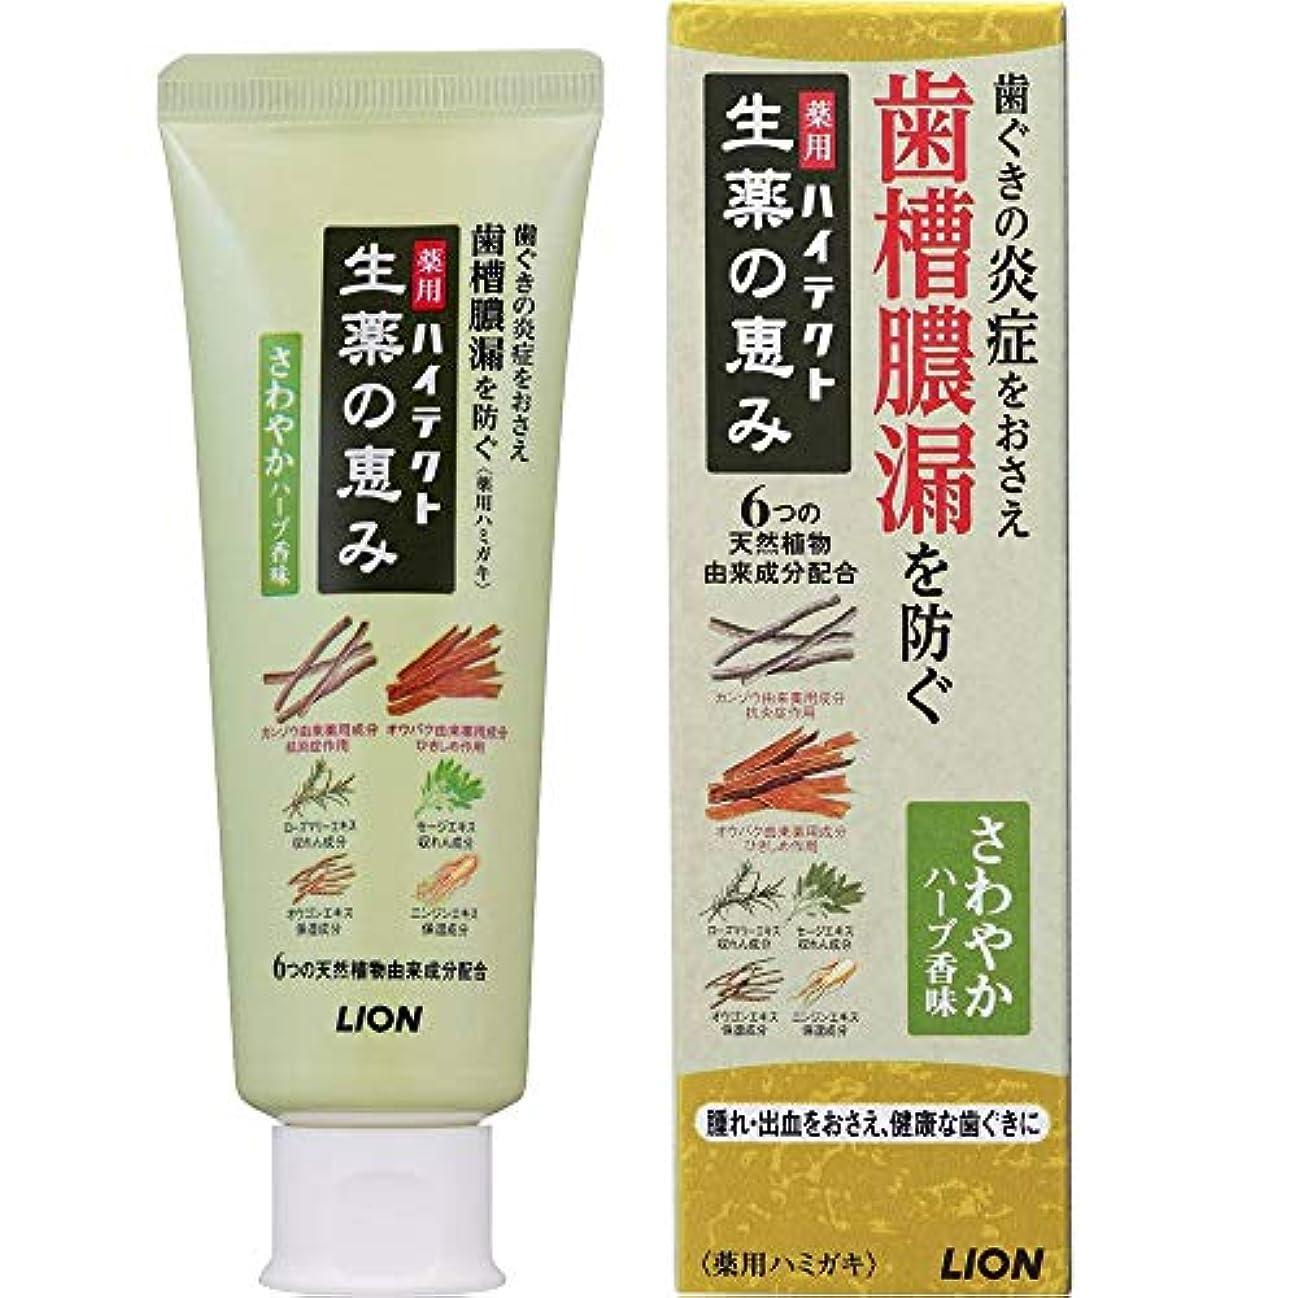 電池気づくカスタム薬用ハイテクト生薬の恵み さわやかハーブ香味 90g